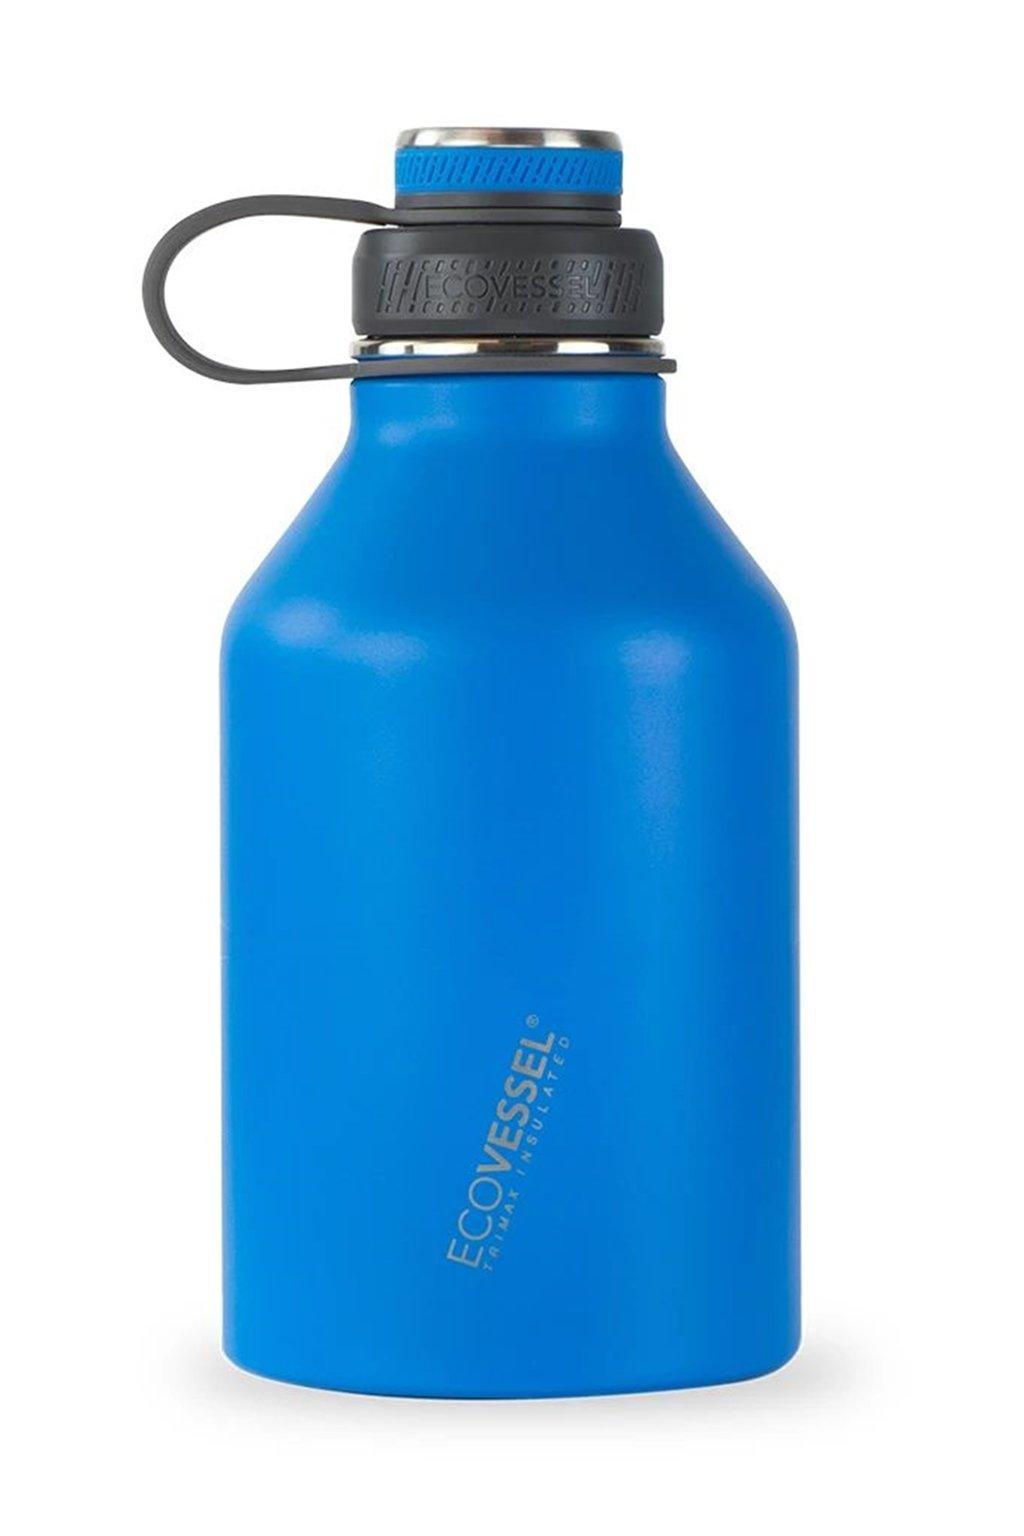 termolahev 2 litre modra